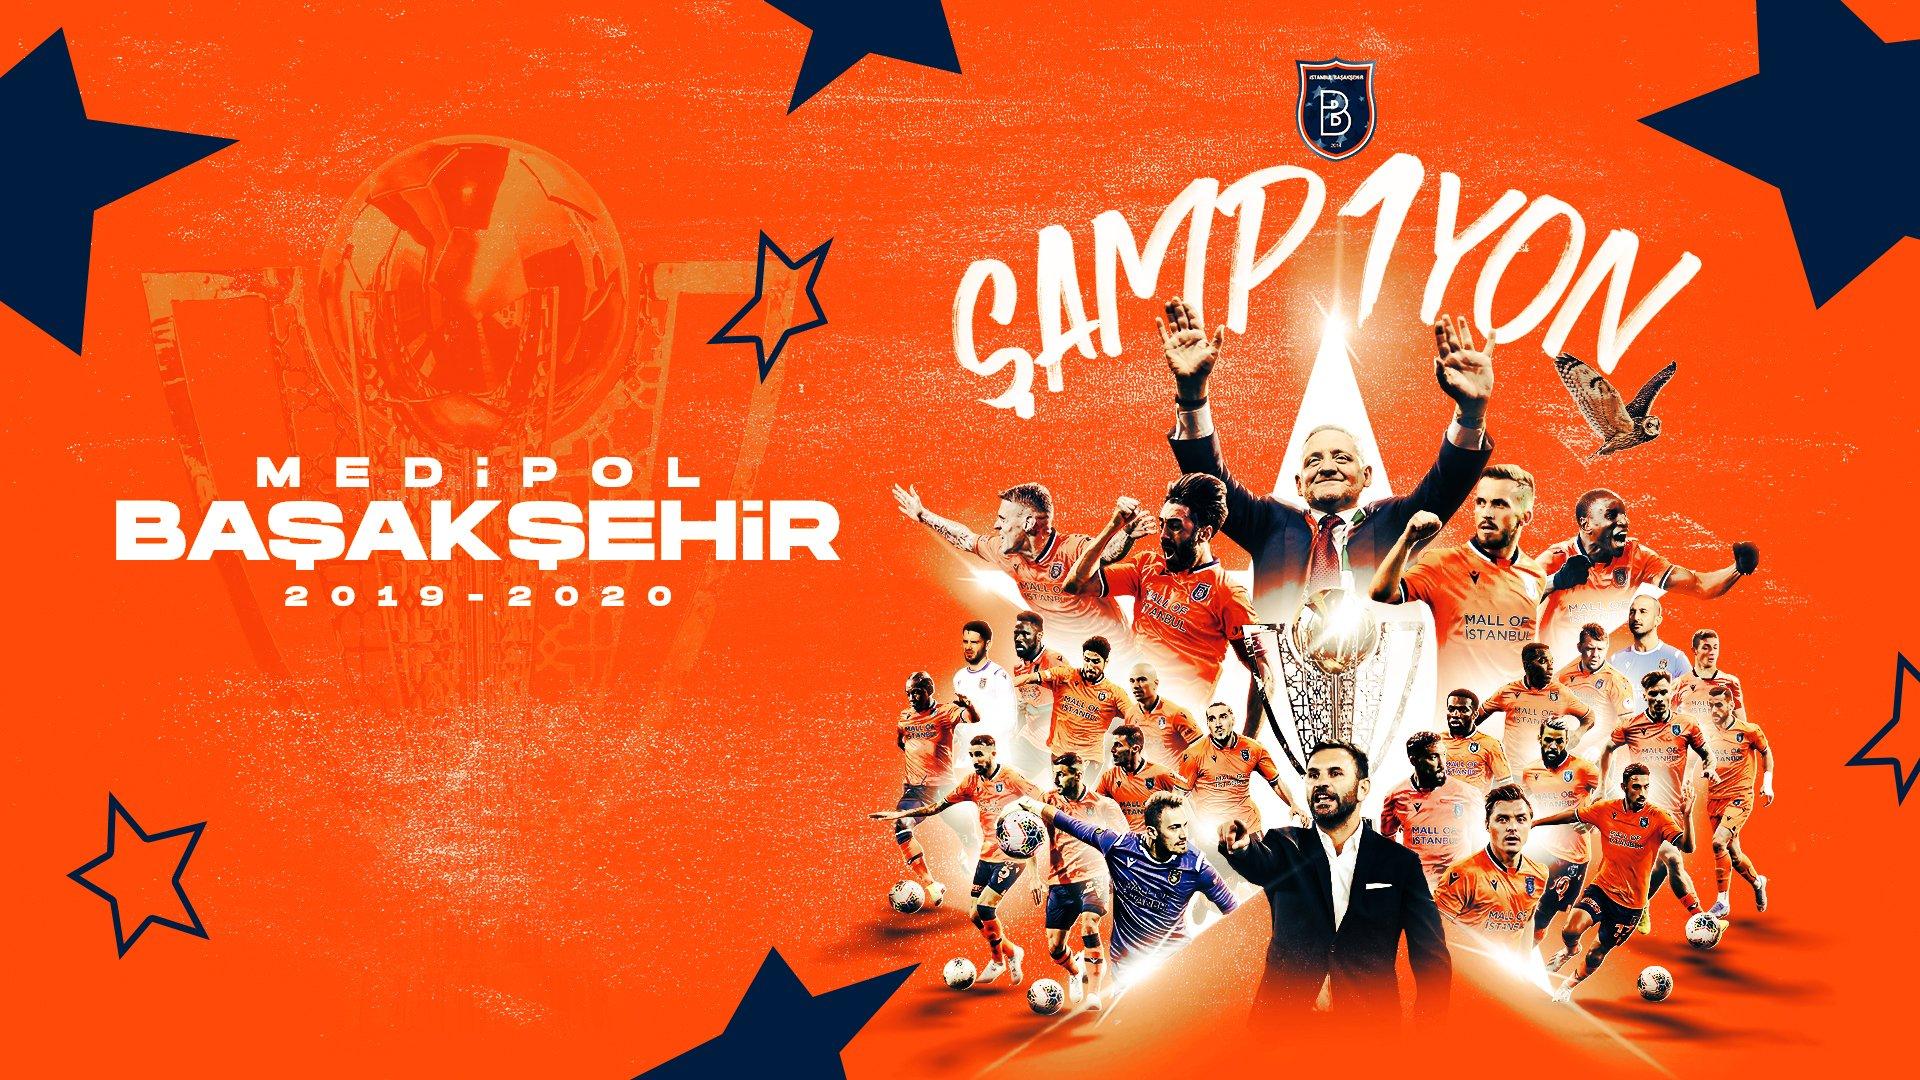 队史首冠!伊斯坦布尔提前一轮夺得2019/20赛季土超冠军